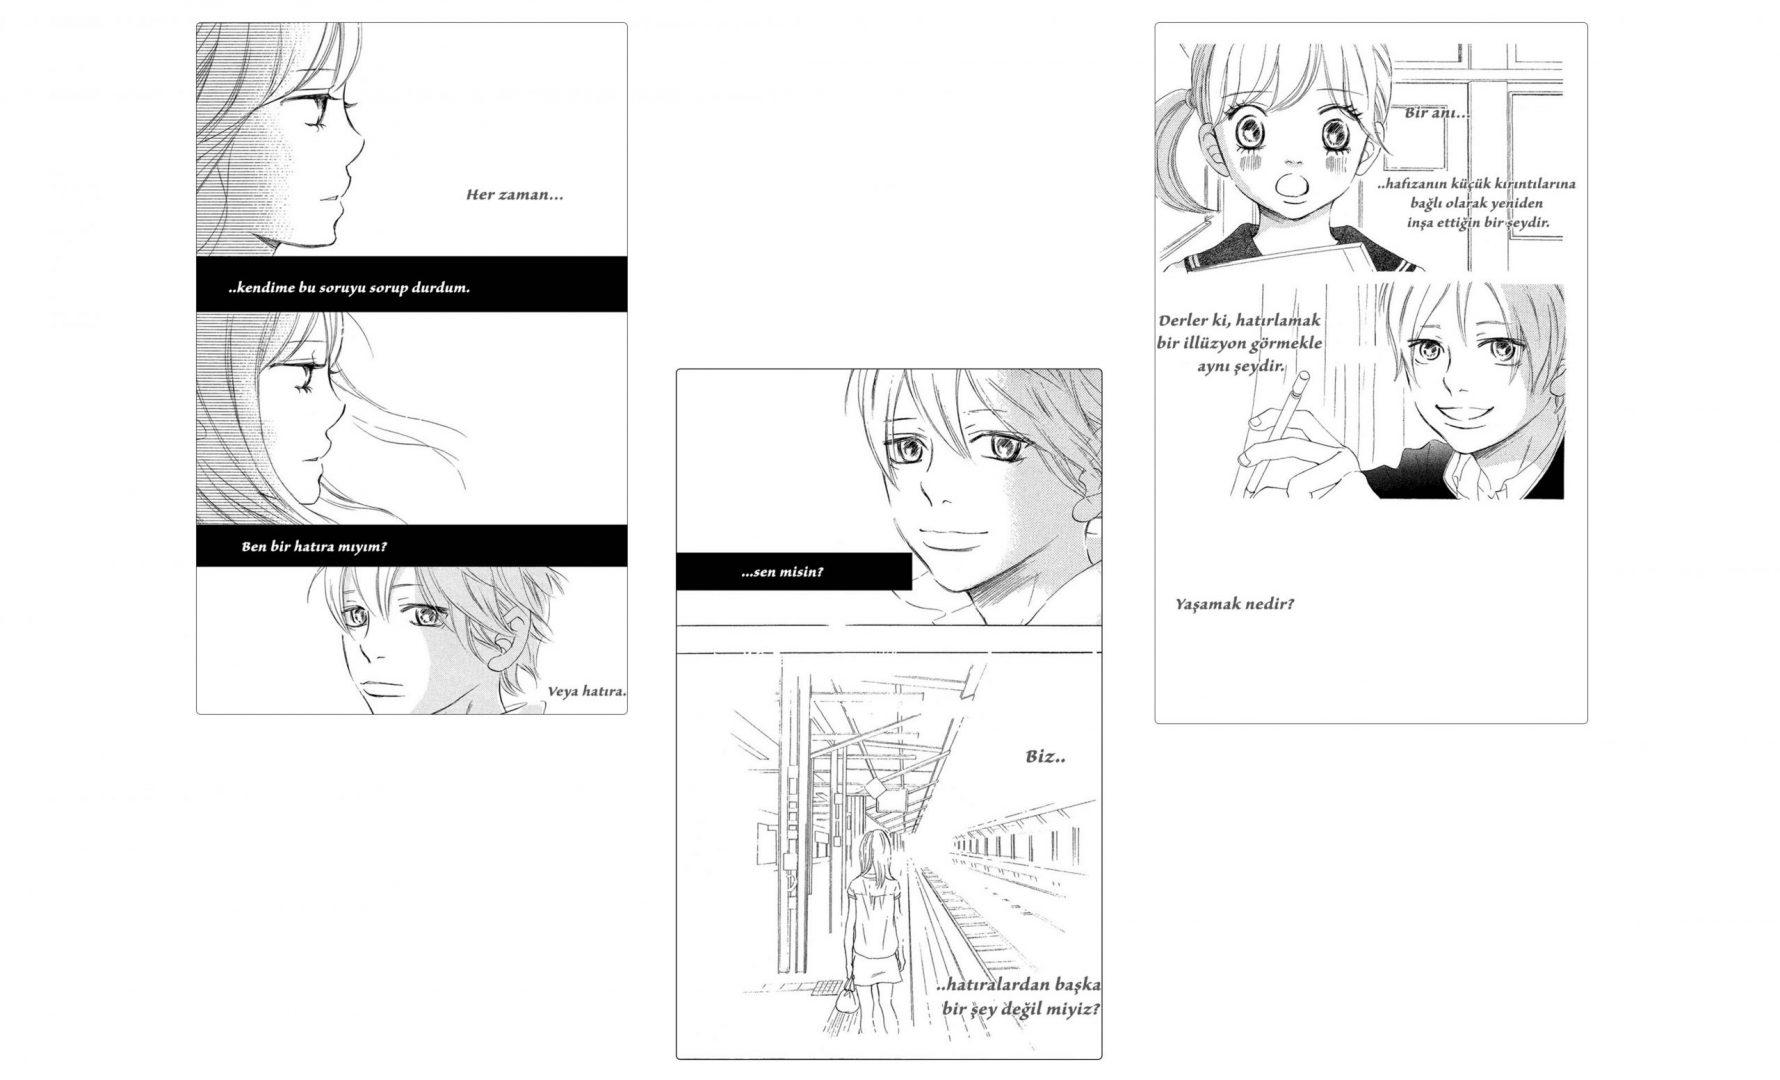 Bokura Ga İta Manga Ekran Resmi